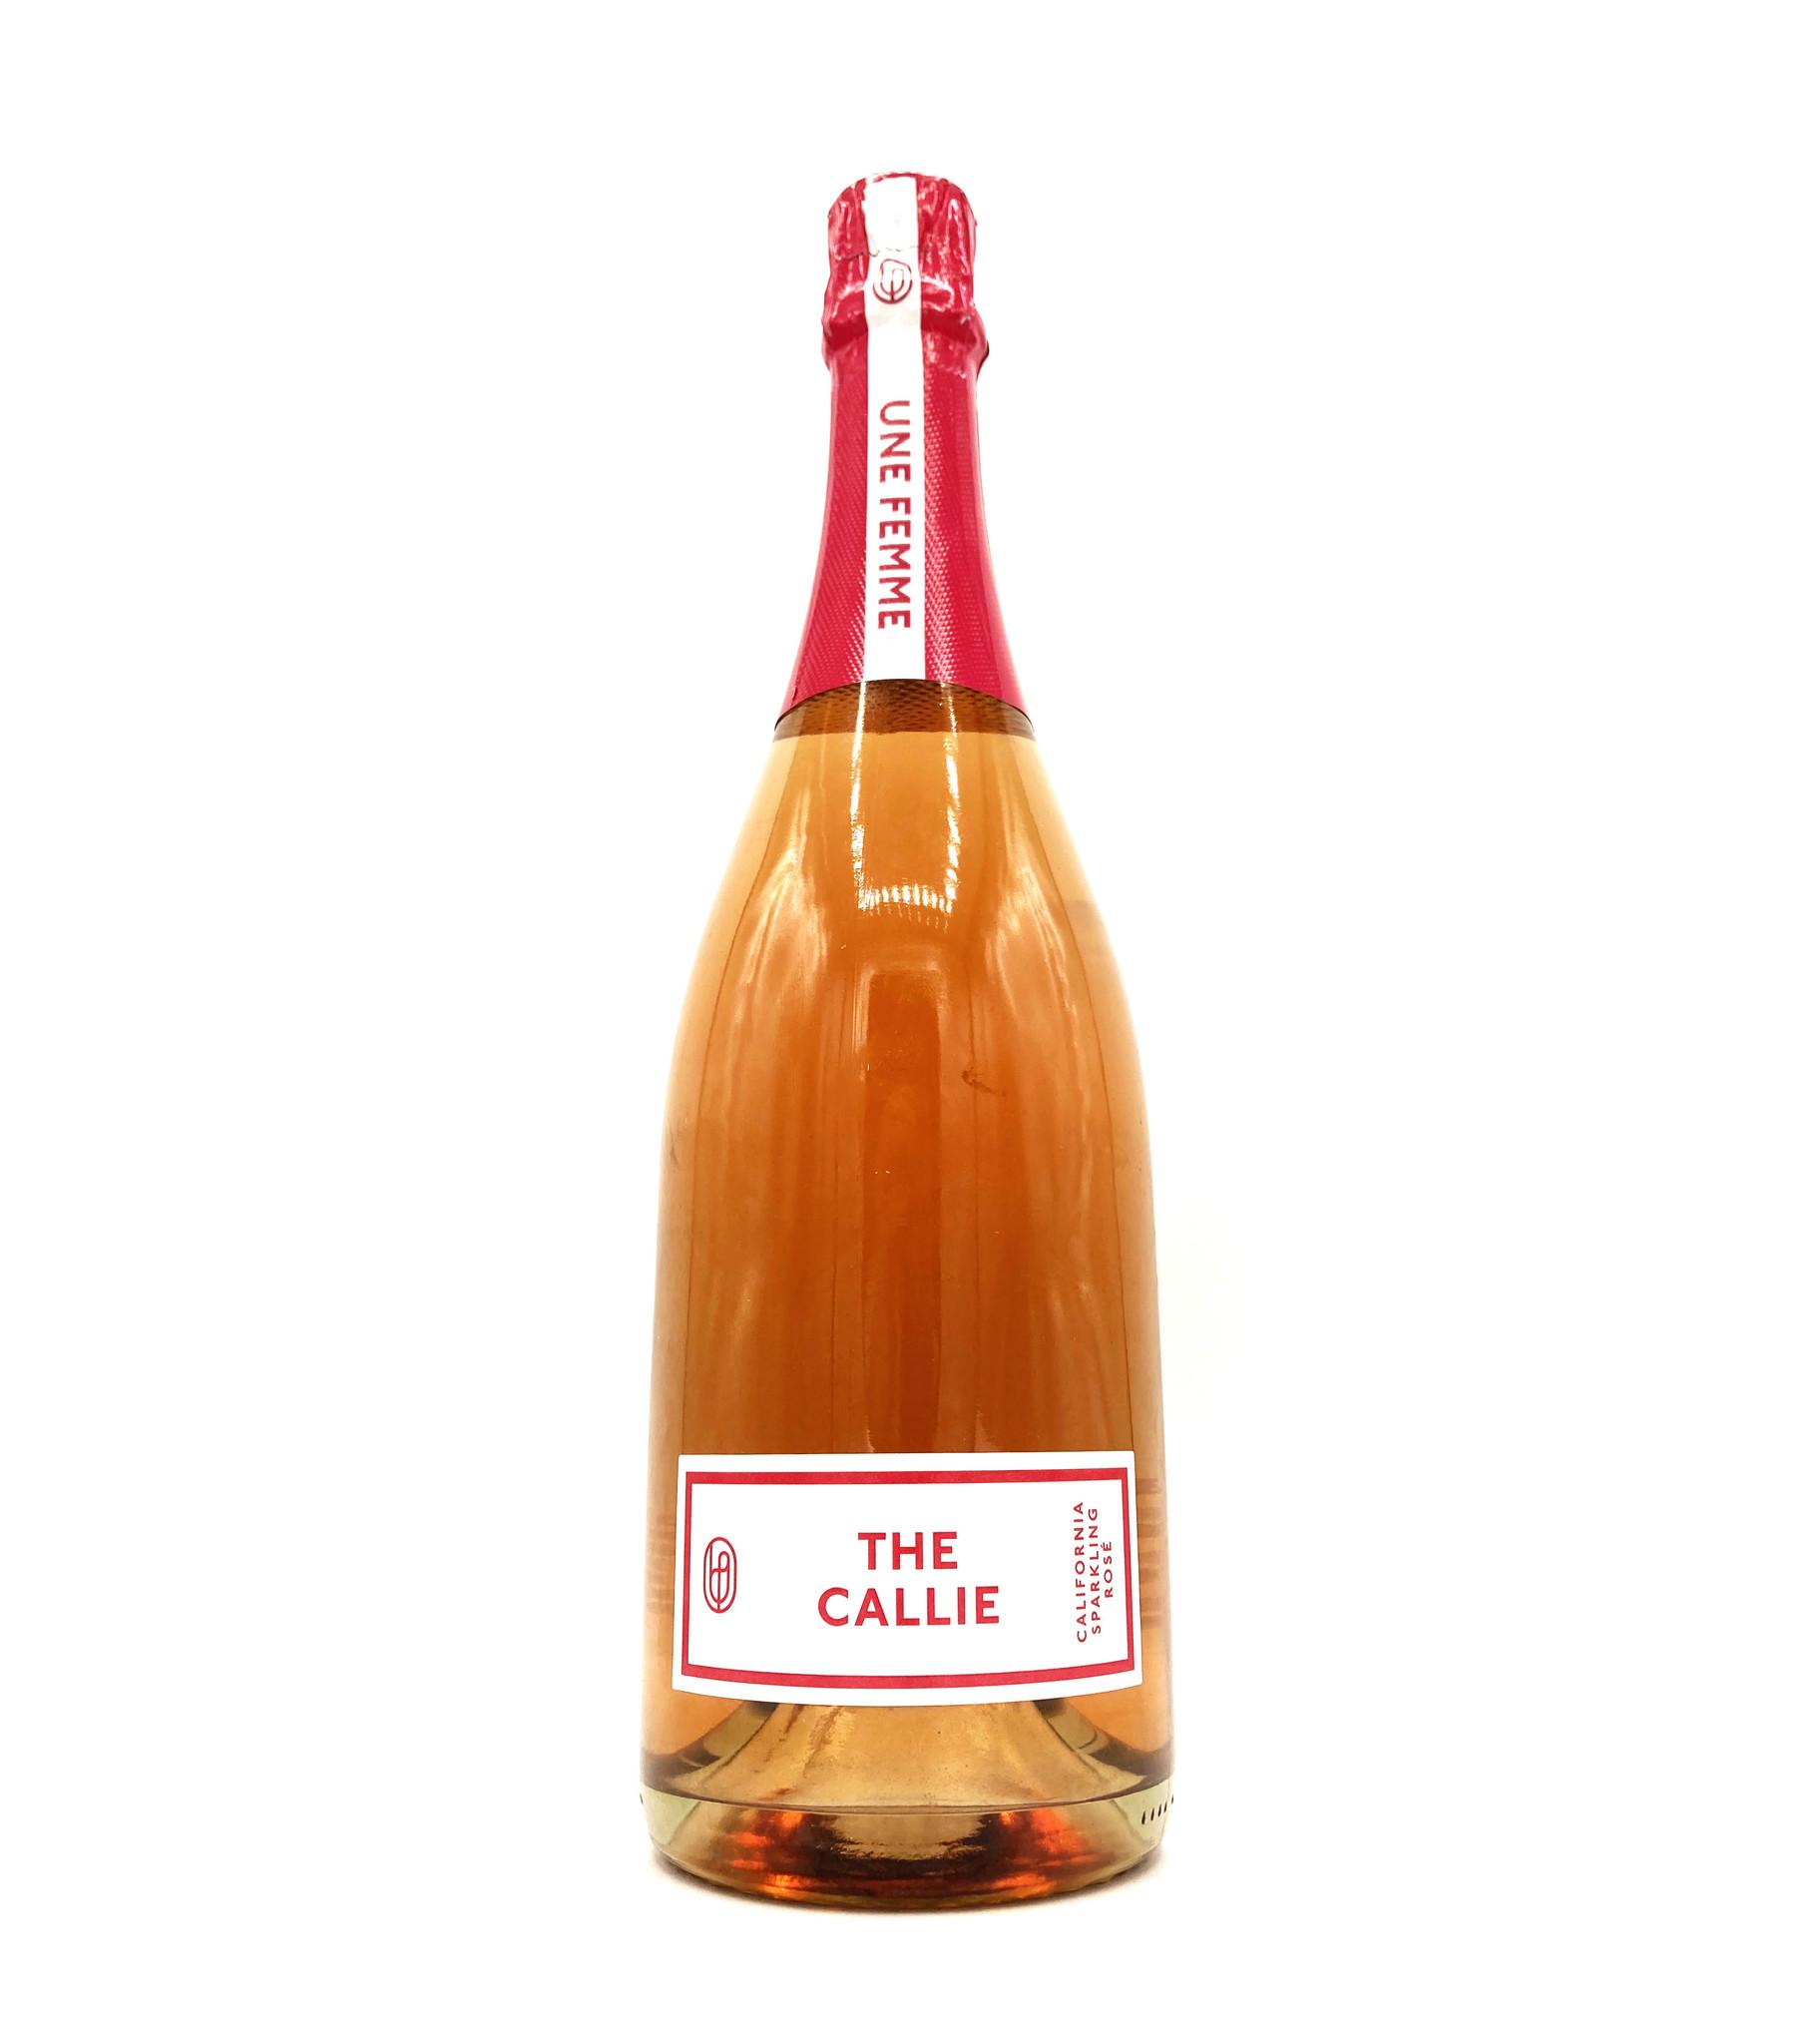 Sparkling Rosé The Callie NV 750ml Une Femme